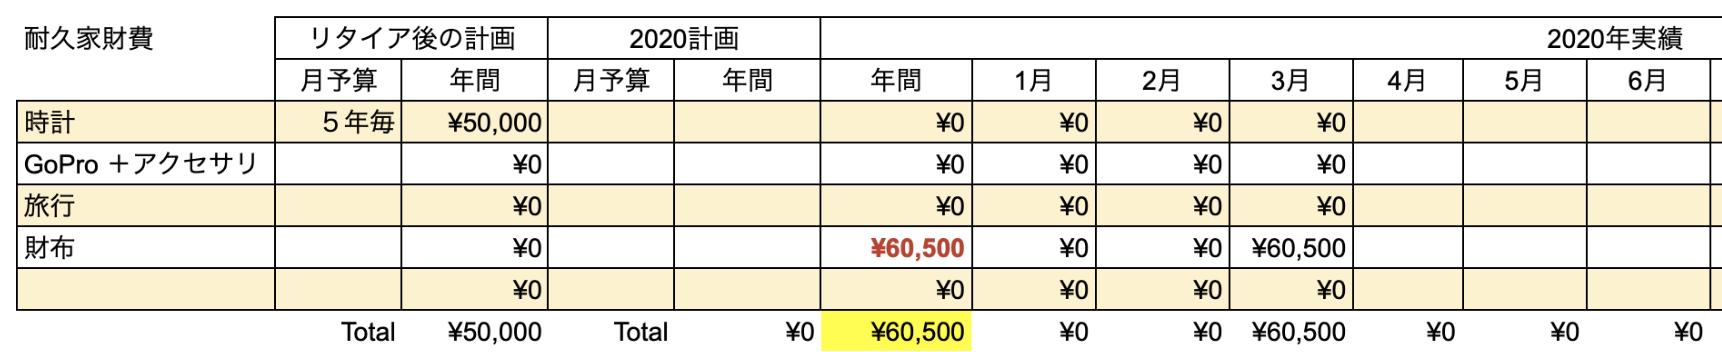 支出実績2020_03月_耐久家財費